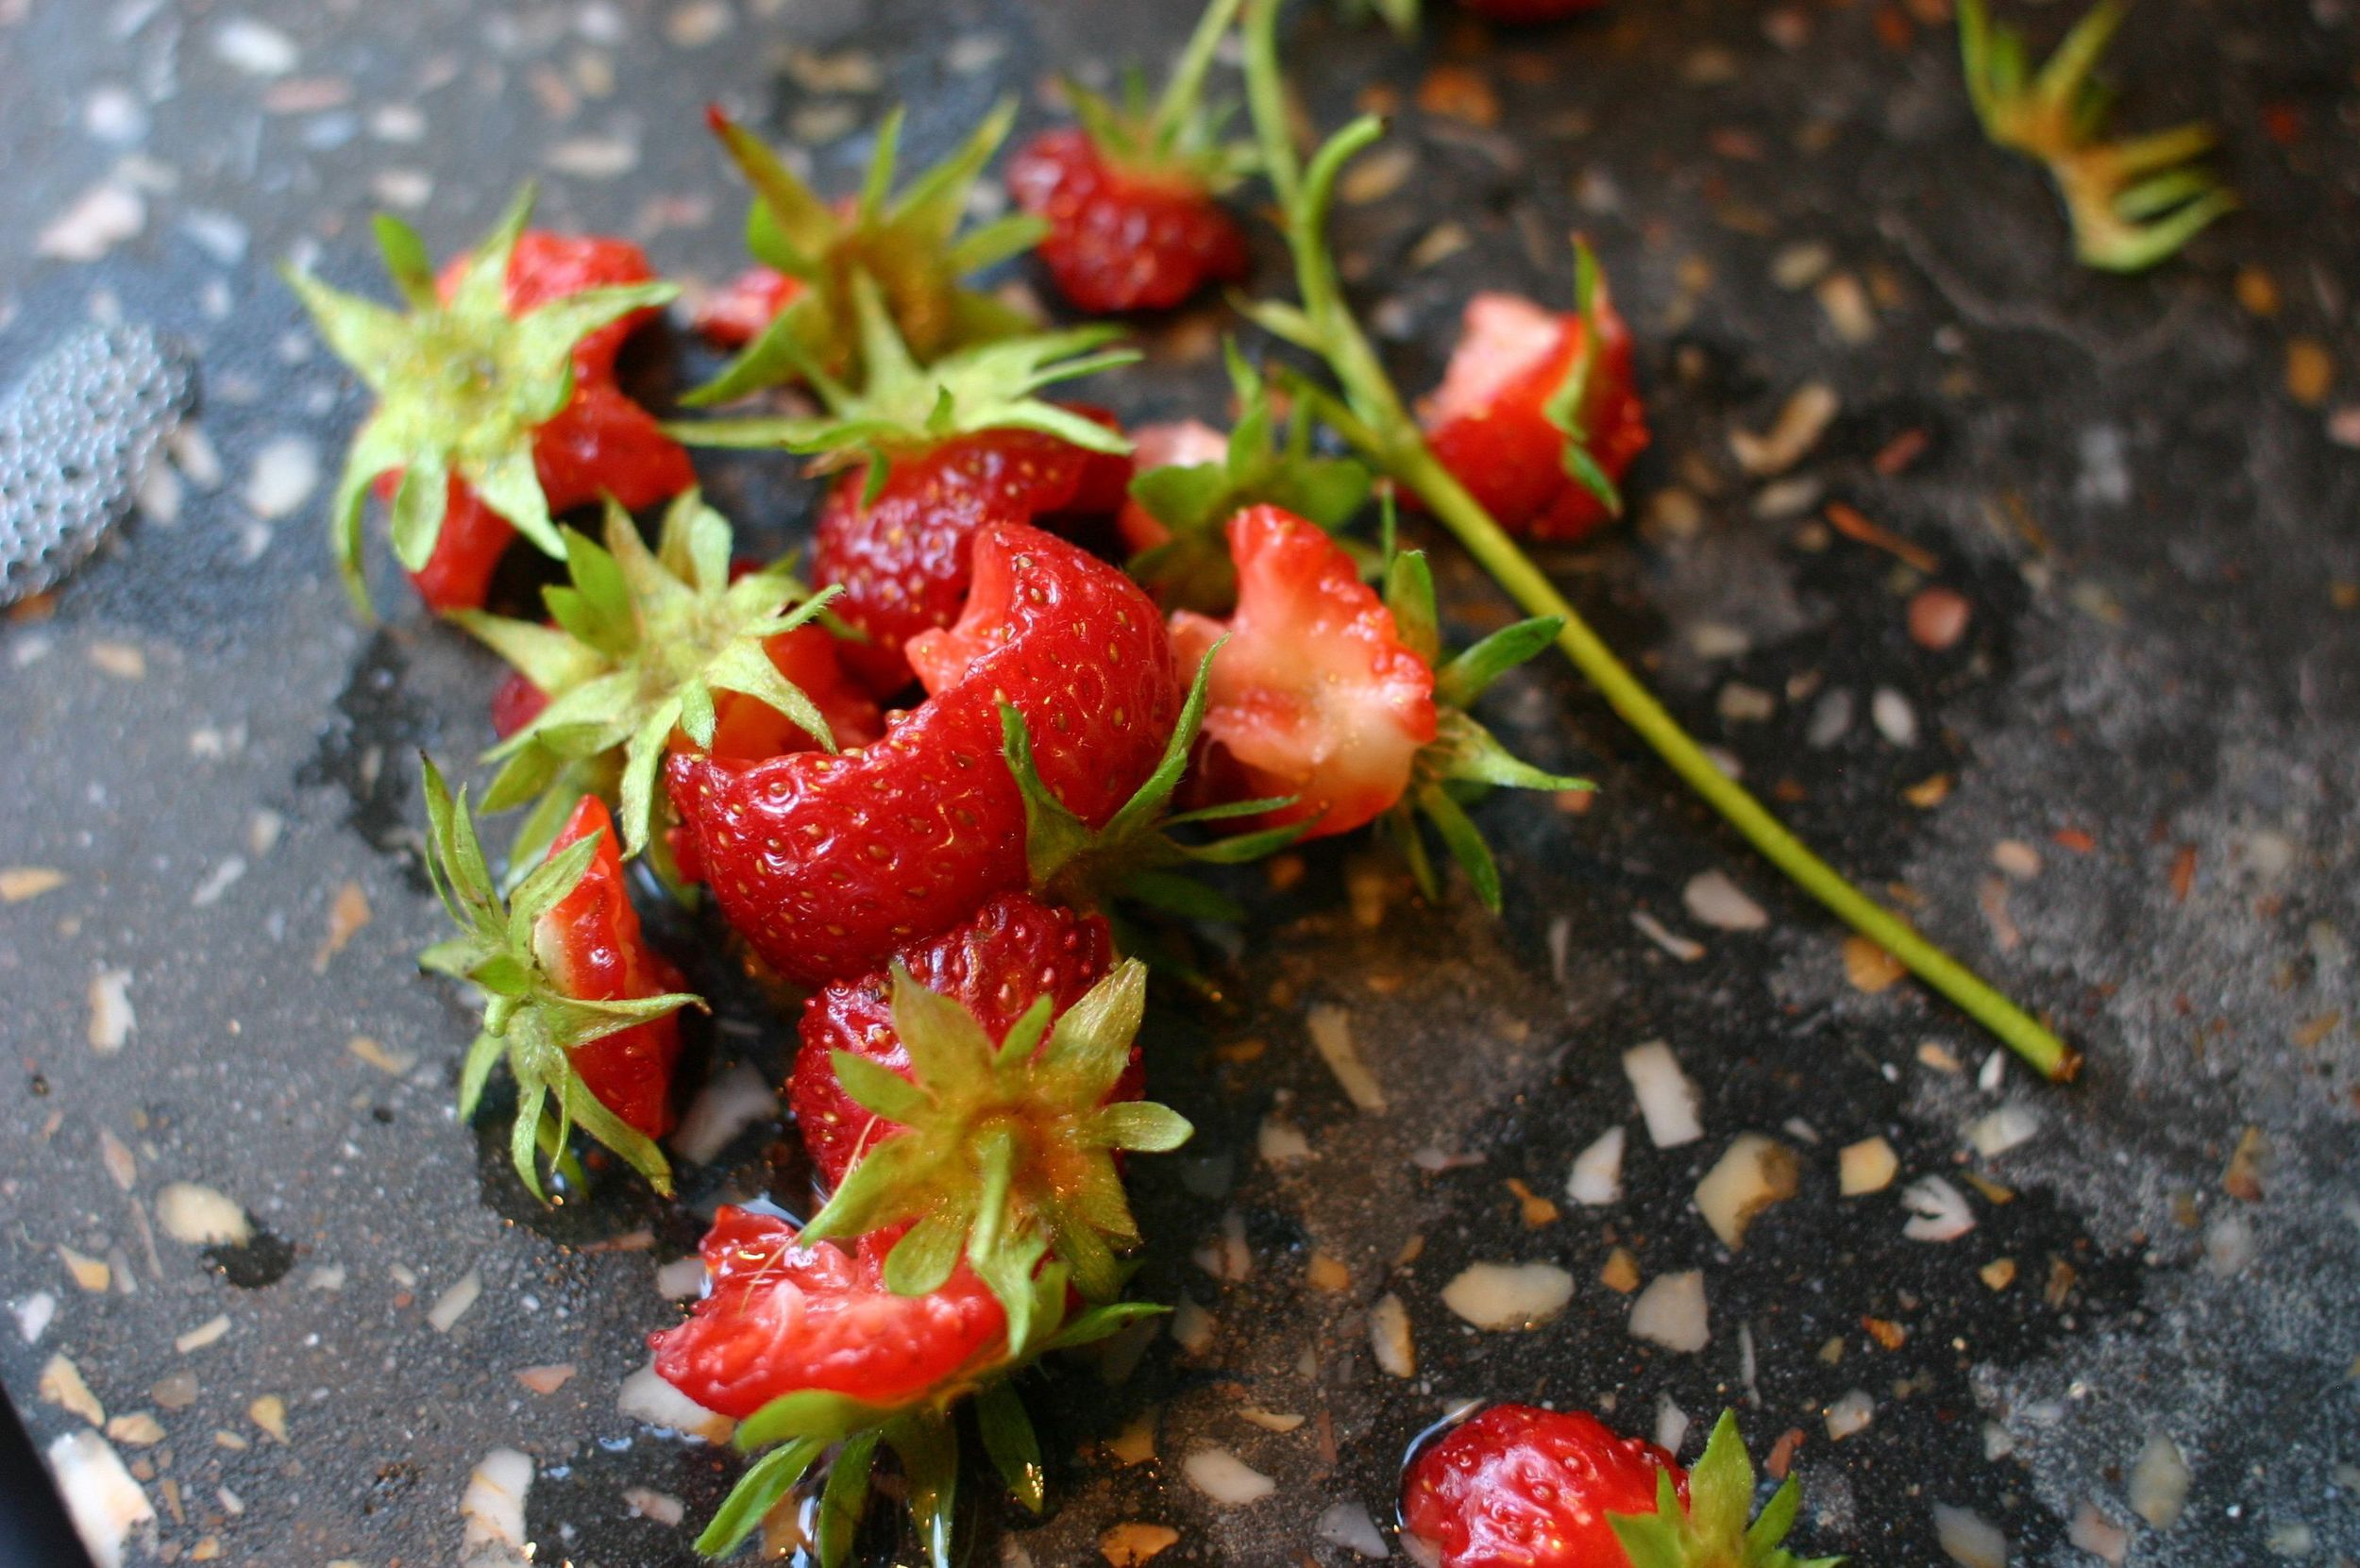 eaten strawberries for fun.jpg